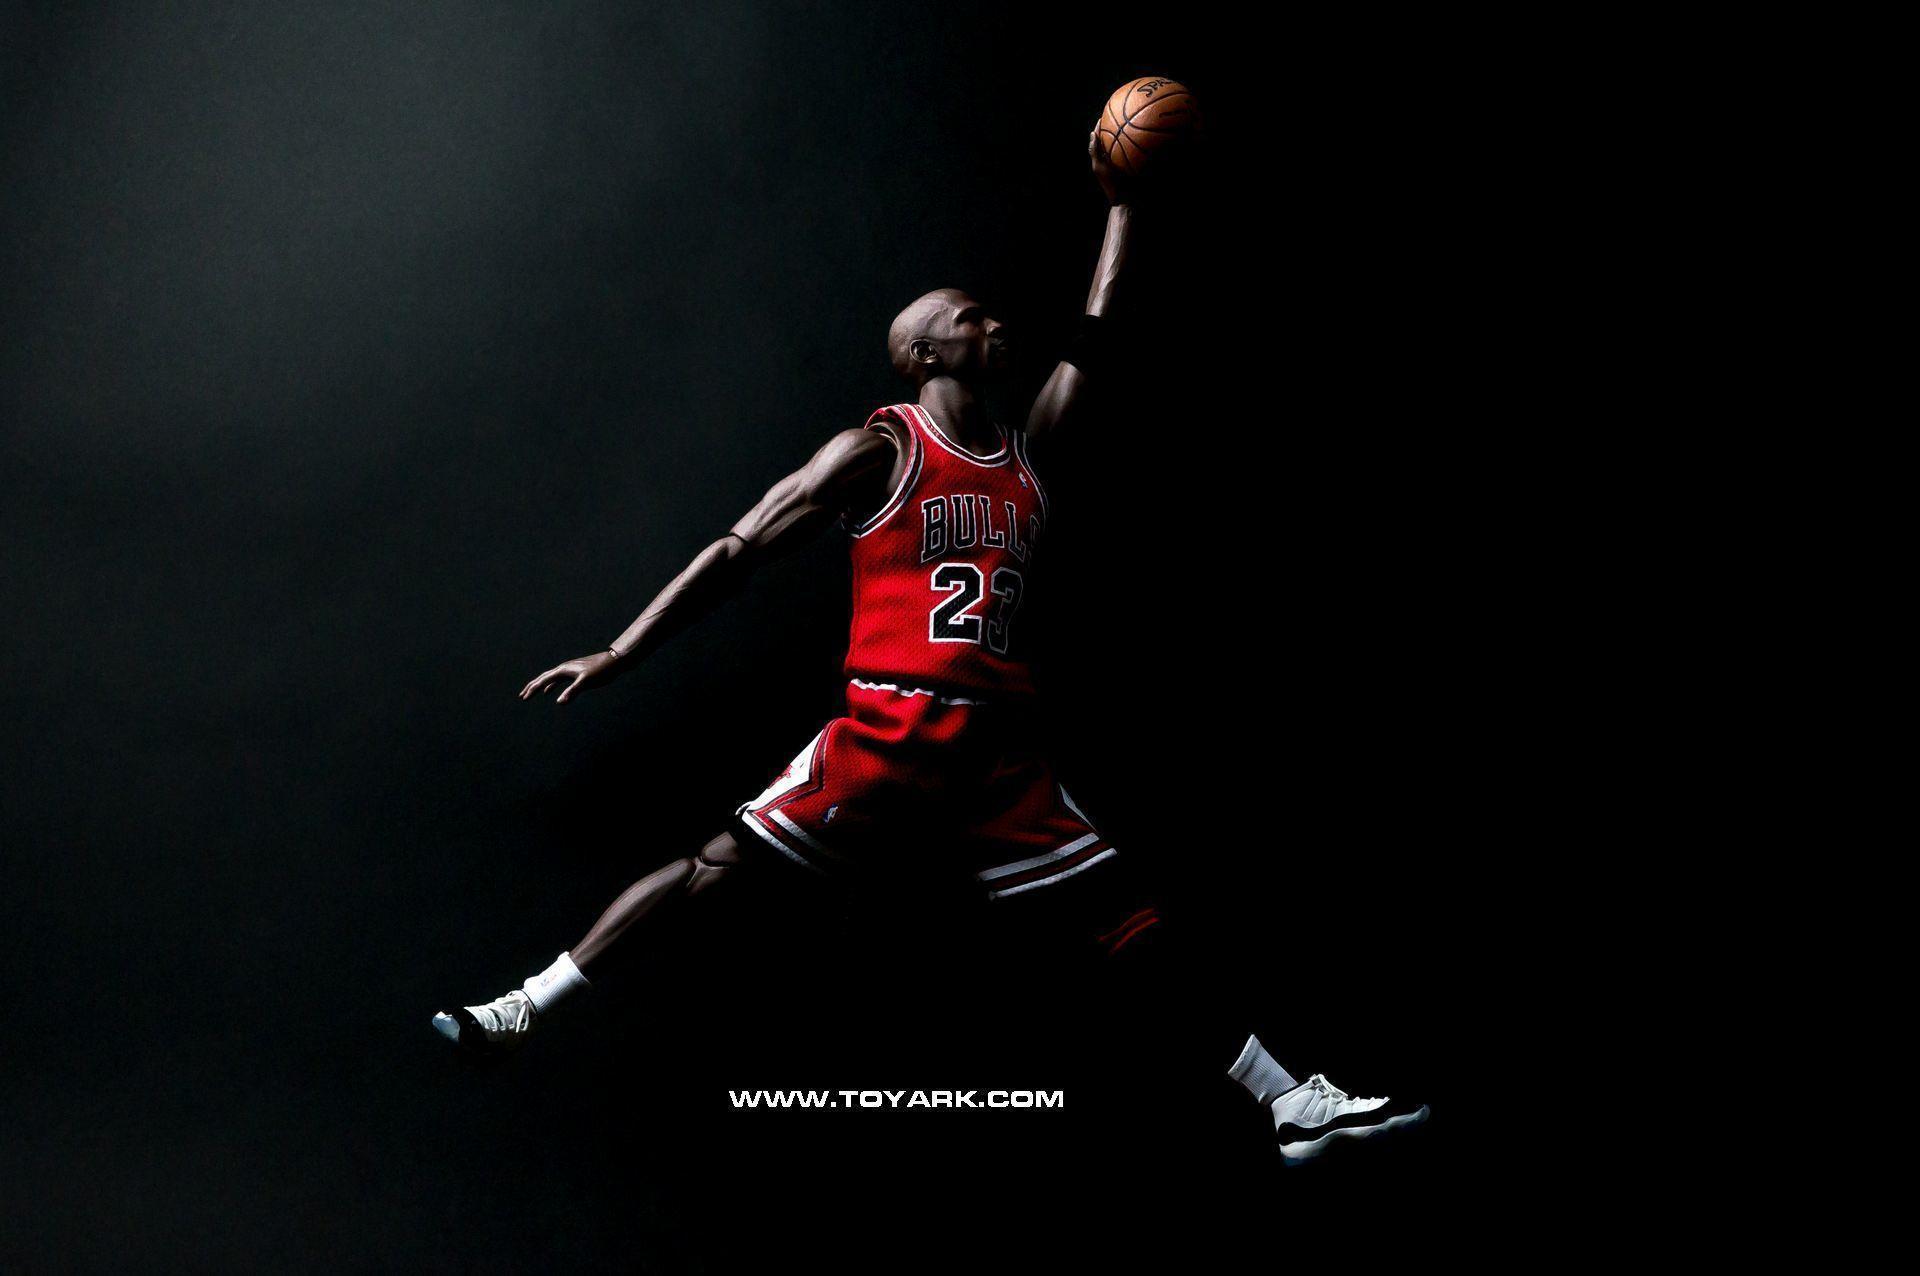 Jordan jumpman wallpapers wallpaper cave - Jordan screensaver ...